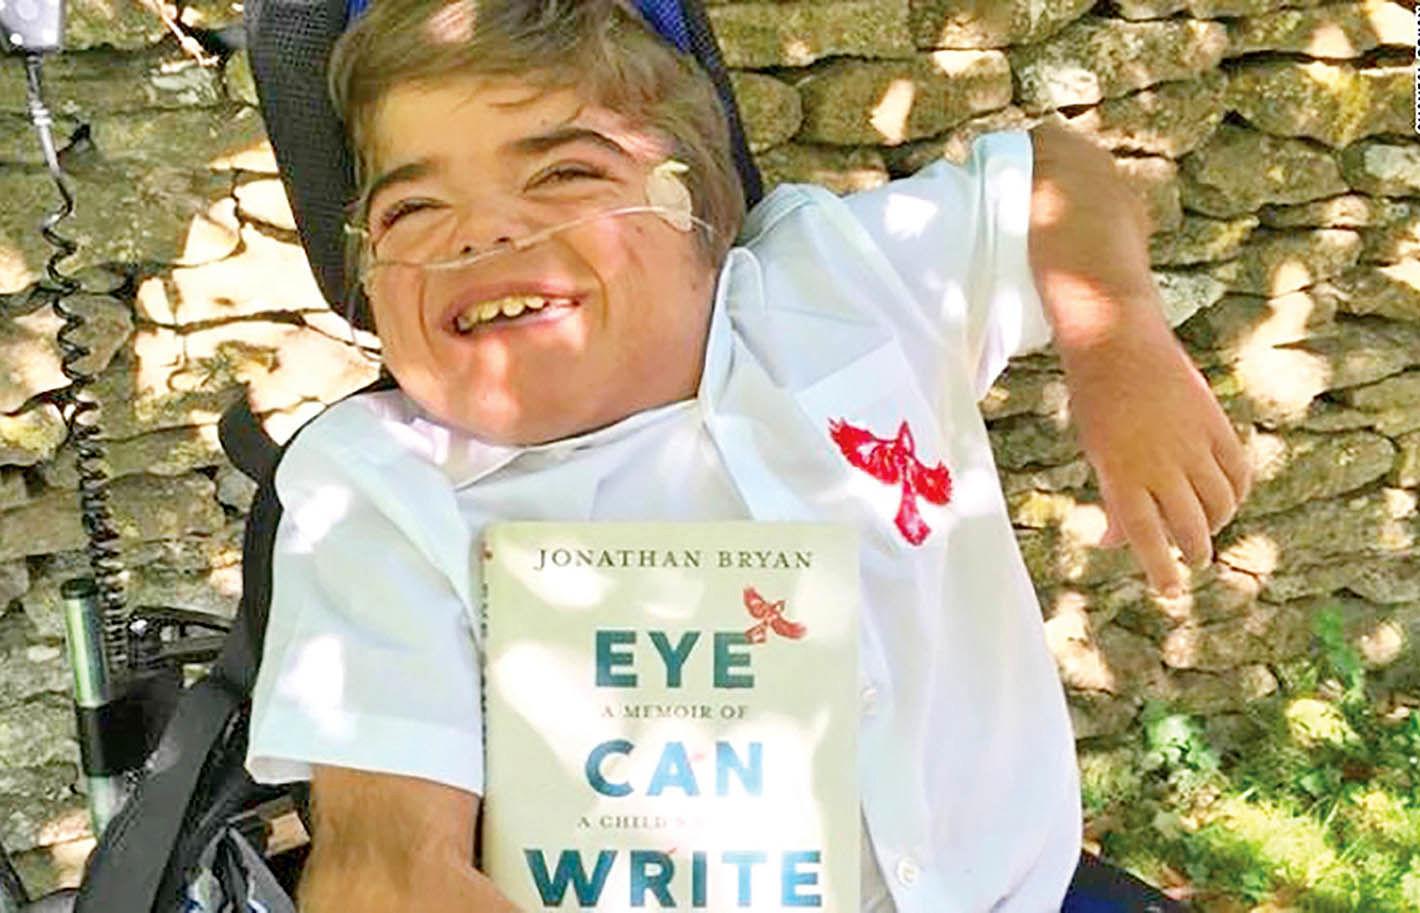 پسر 12 ساله با چشمانش کتاب نوشت